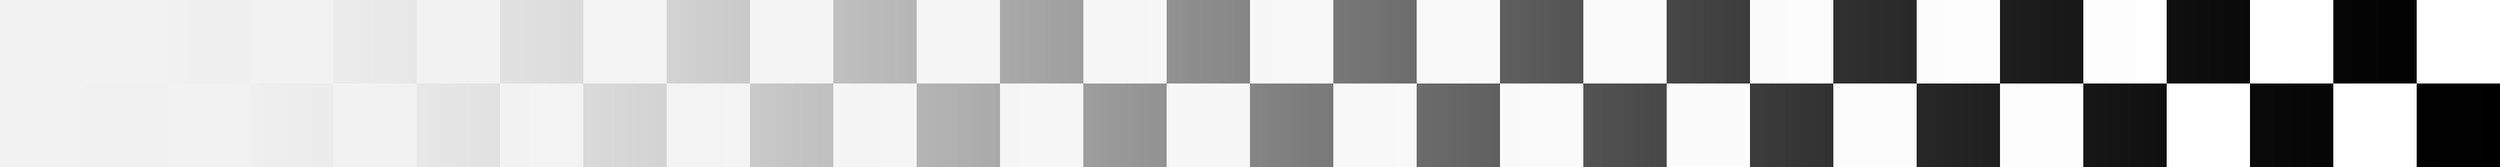 Flag Pattern Long Oneside.jpg